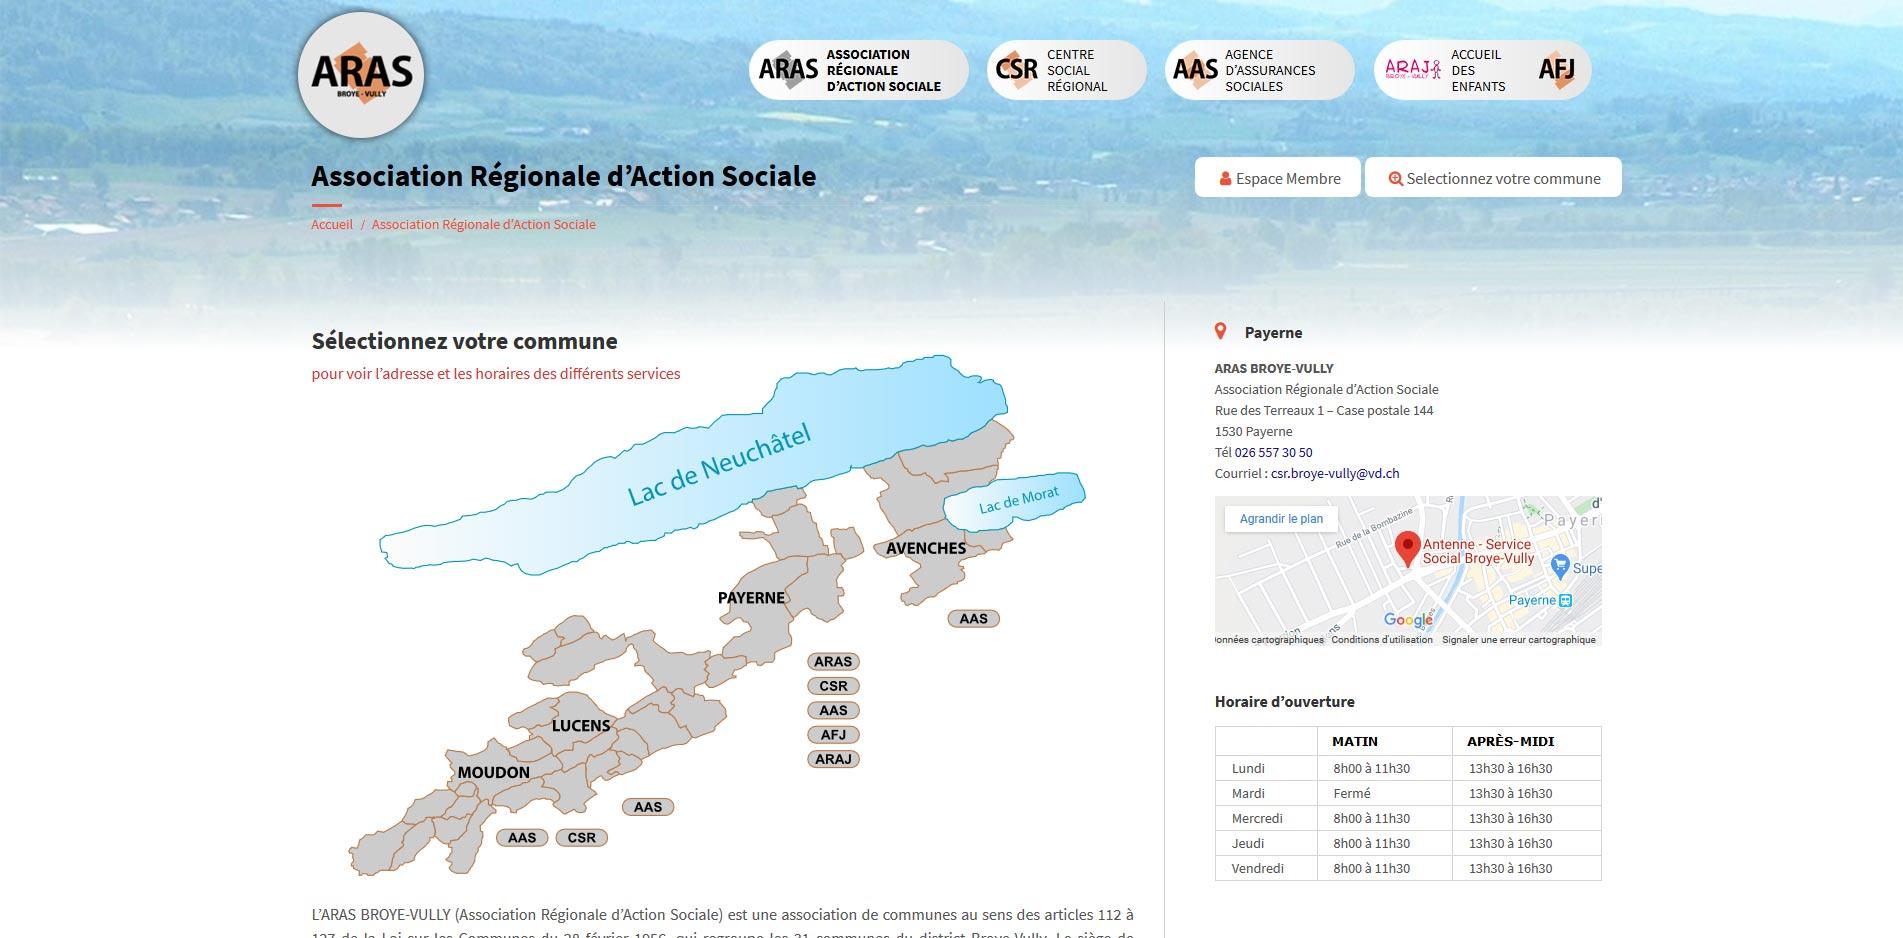 THALES IT - Réalisation sites Internet - Agence WEB - Aras